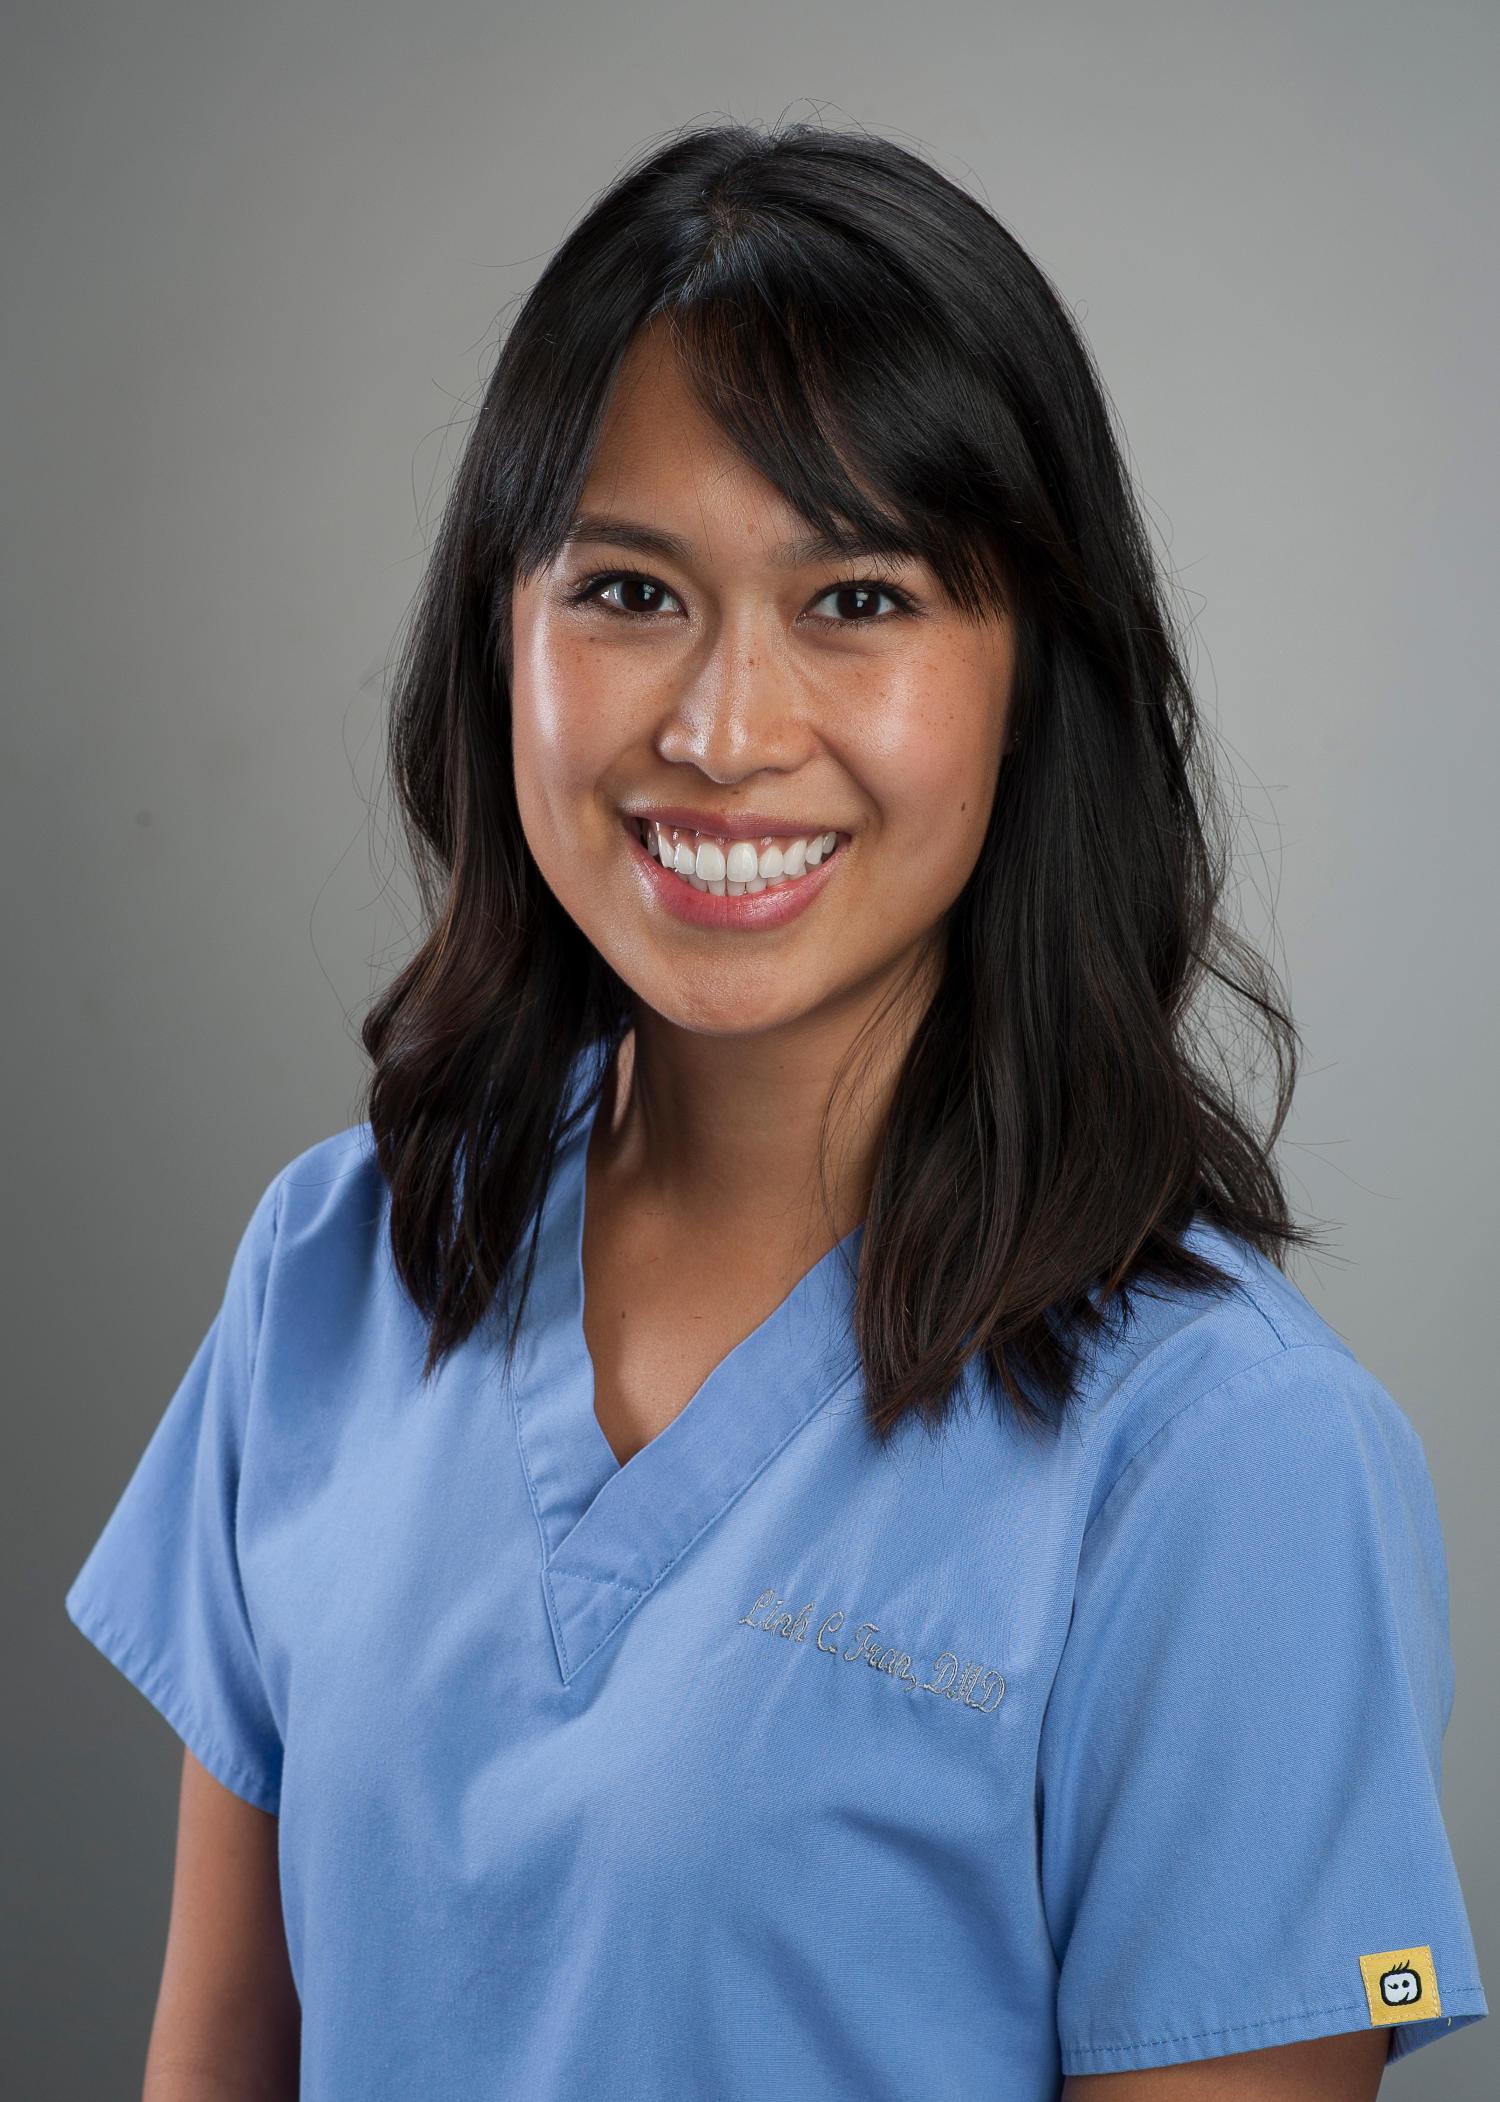 Dr. Linh C. Tran